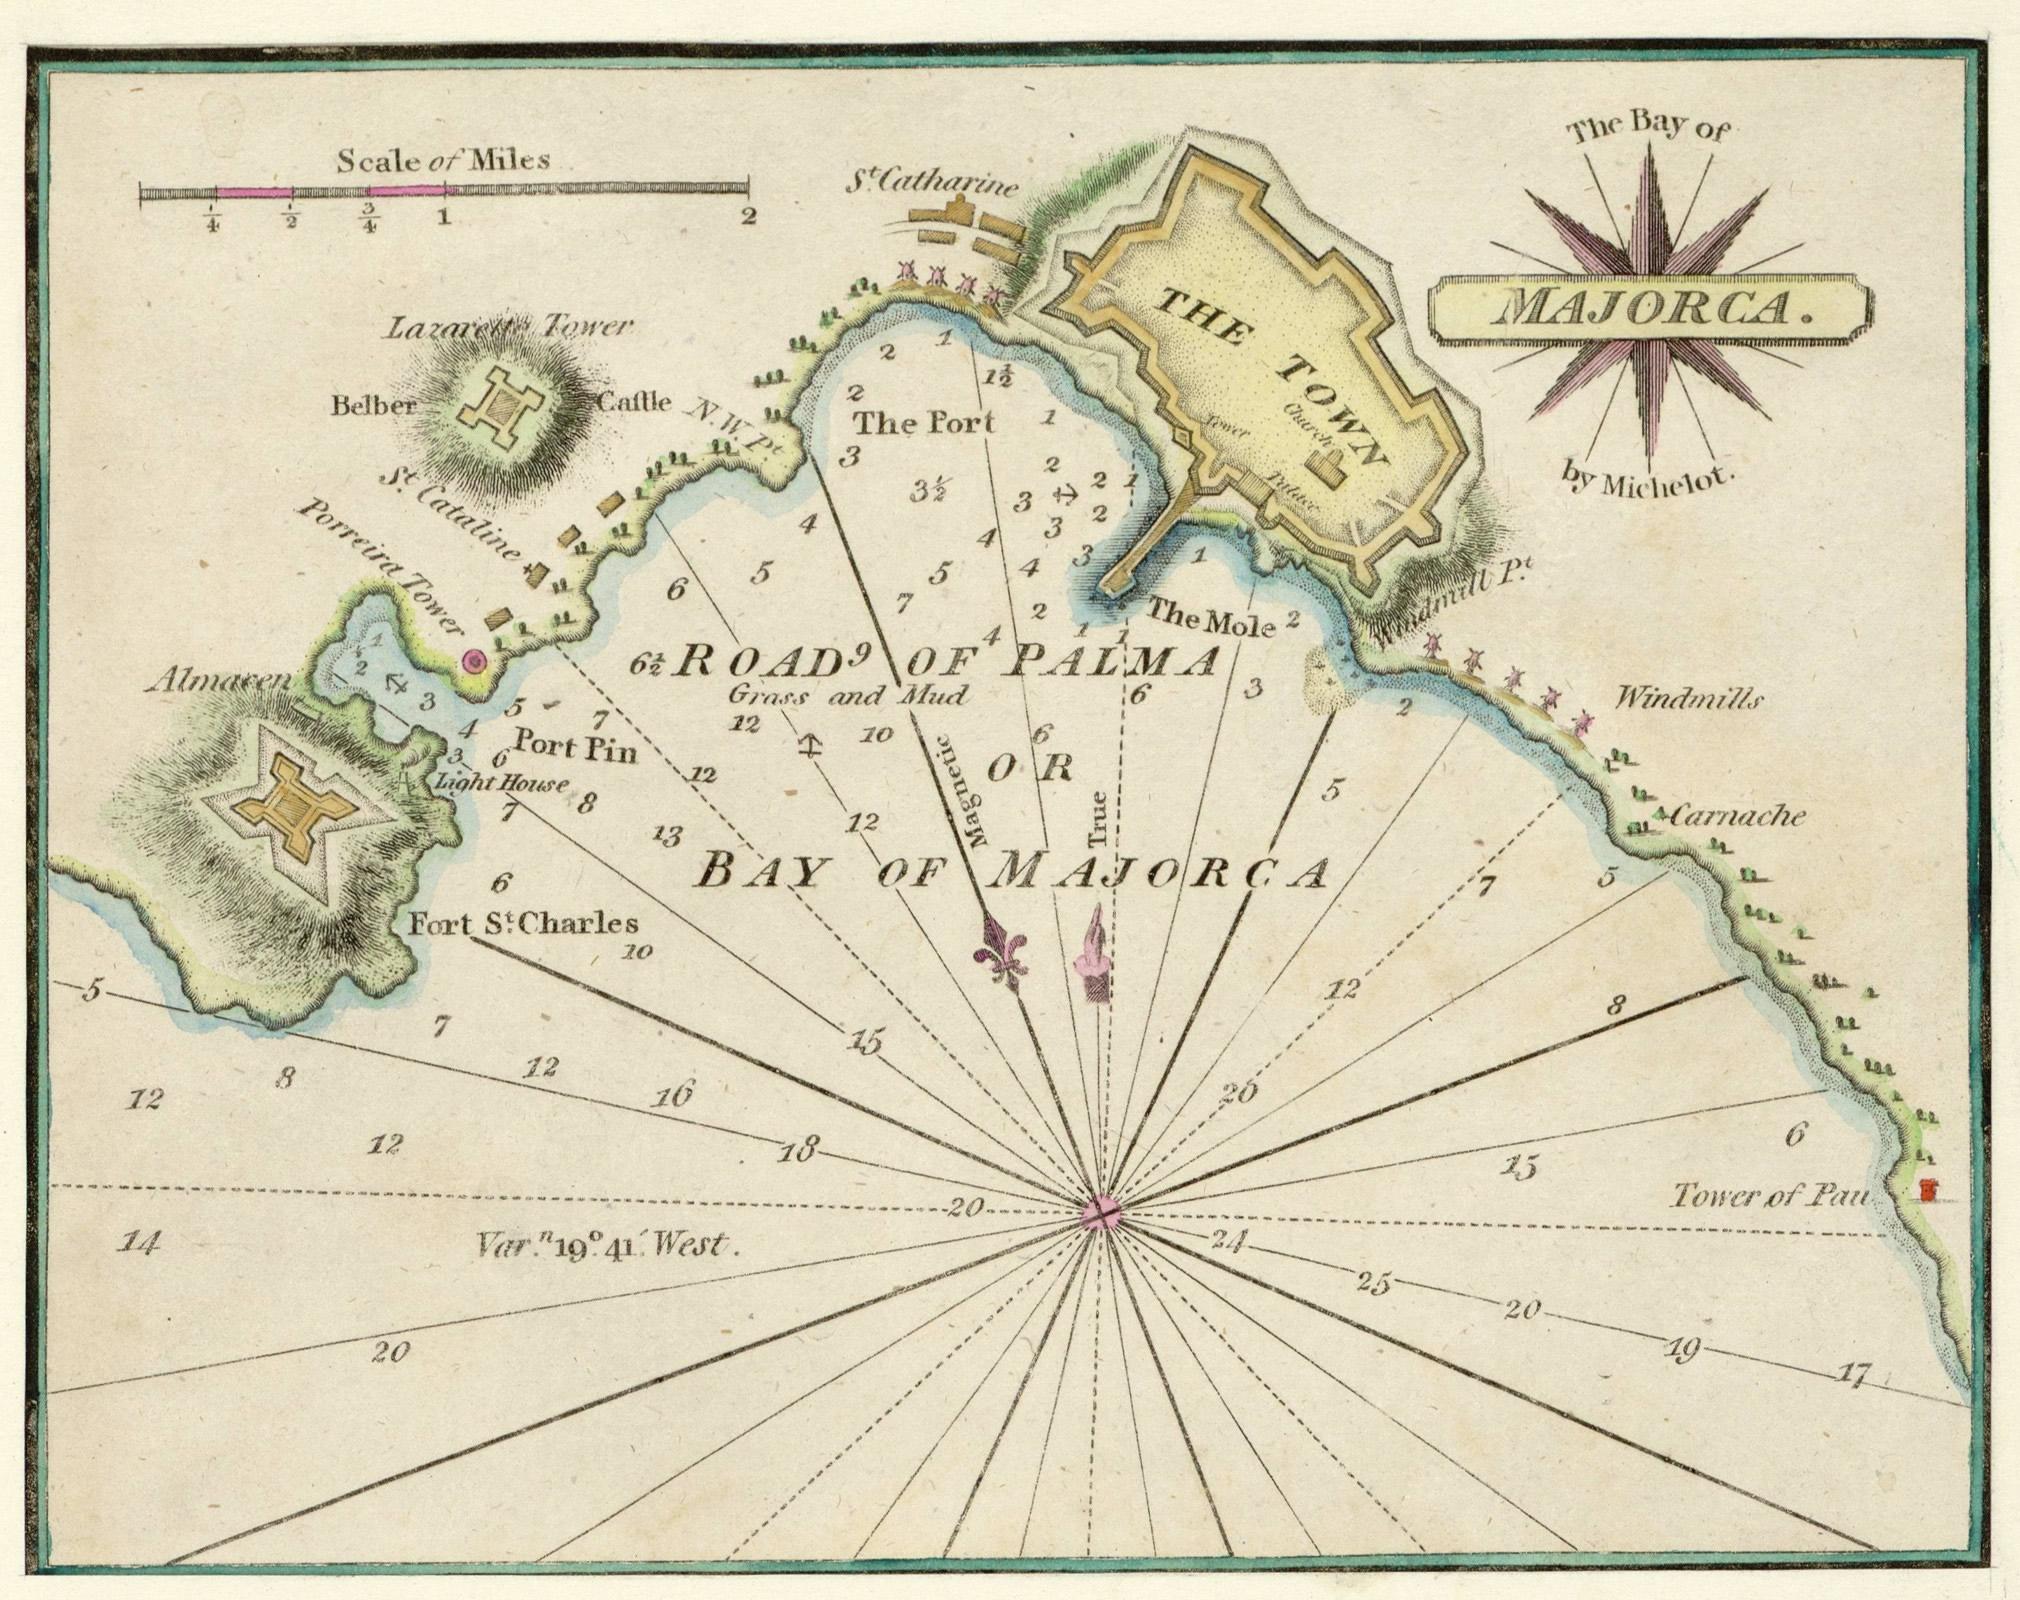 The Bay of Majorca 1810